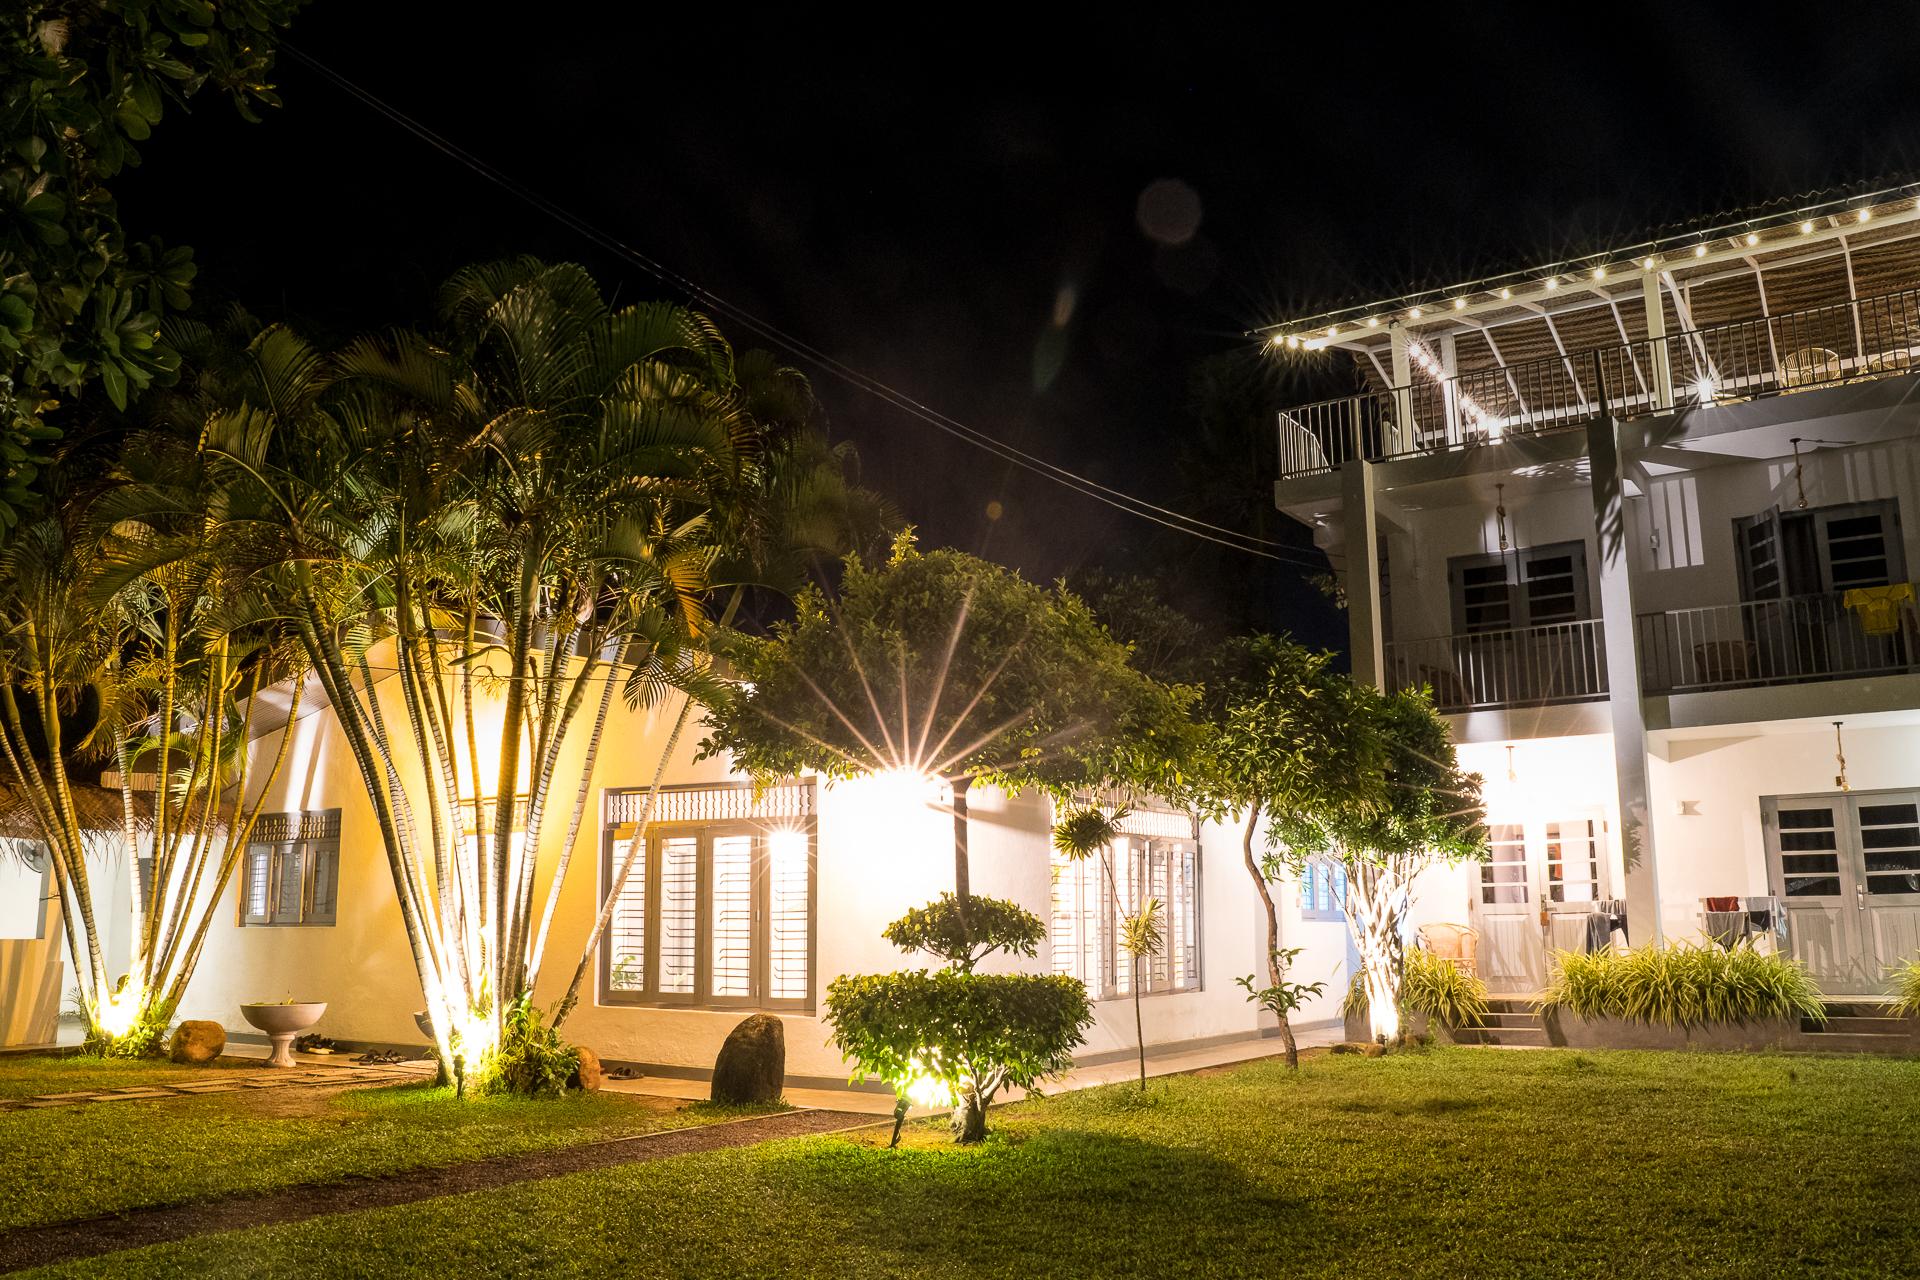 20191017 - Sri Lanka Surf House-007